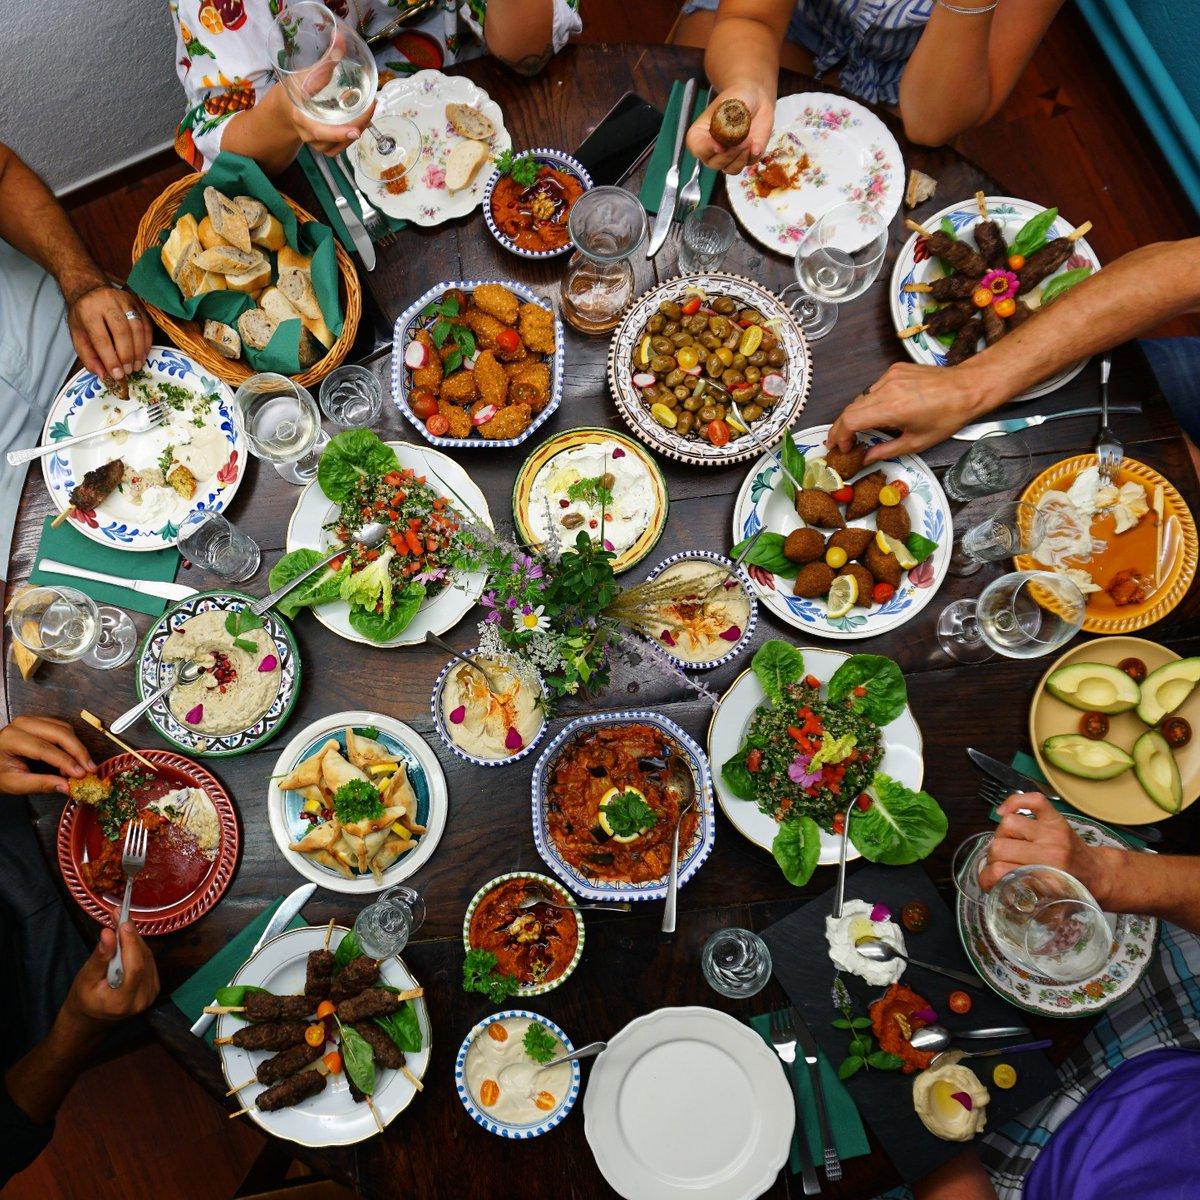 Farbenspiel der orientalischen Küche